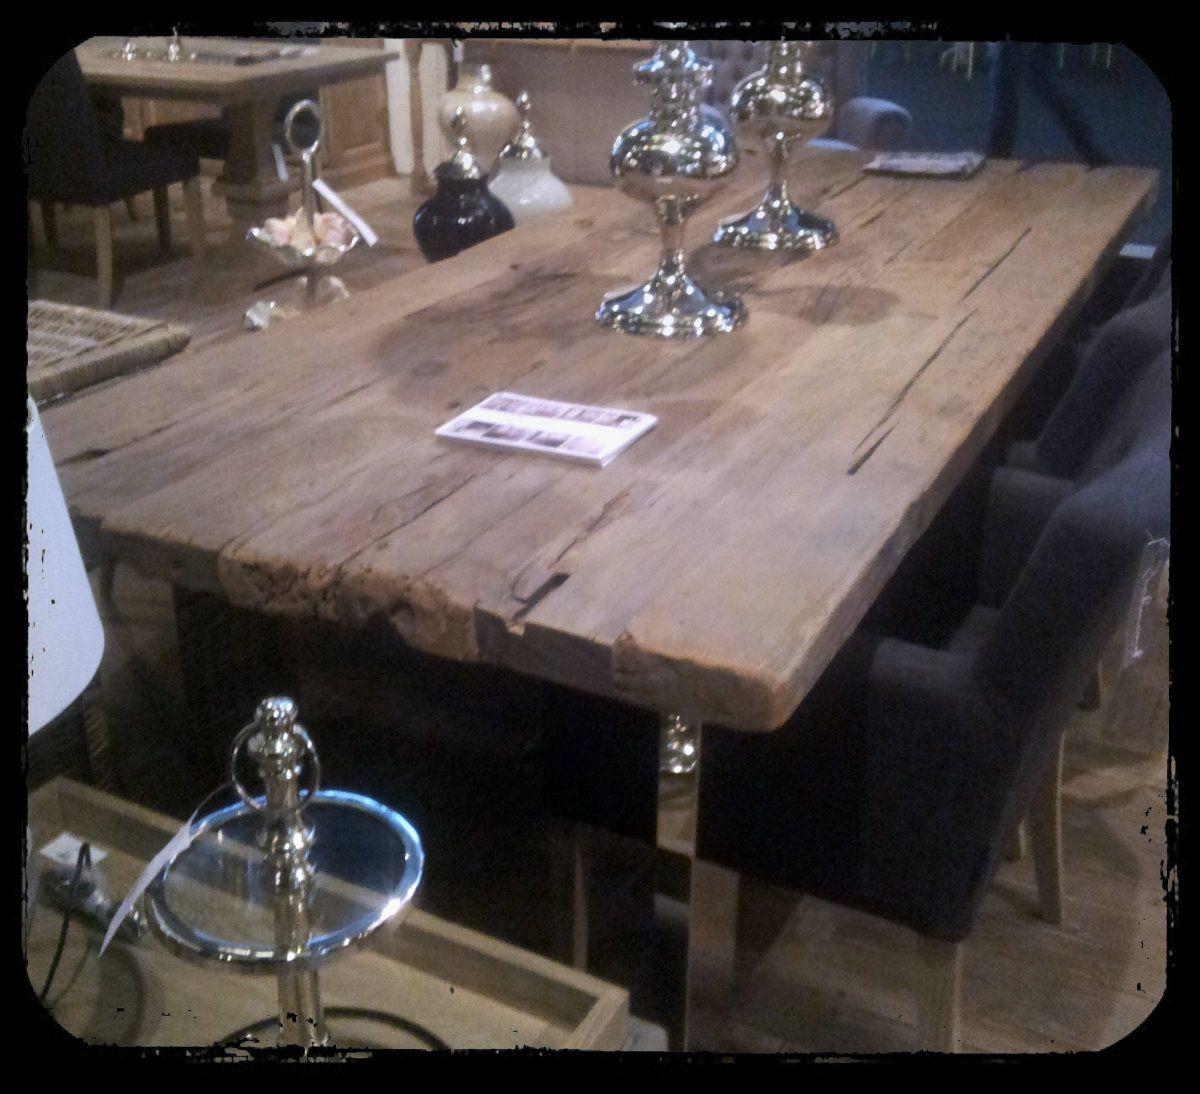 Base hierro rustica para mesa comedor buscar con google muebles pinterest scandinavian - Bases para mesa de comedor ...